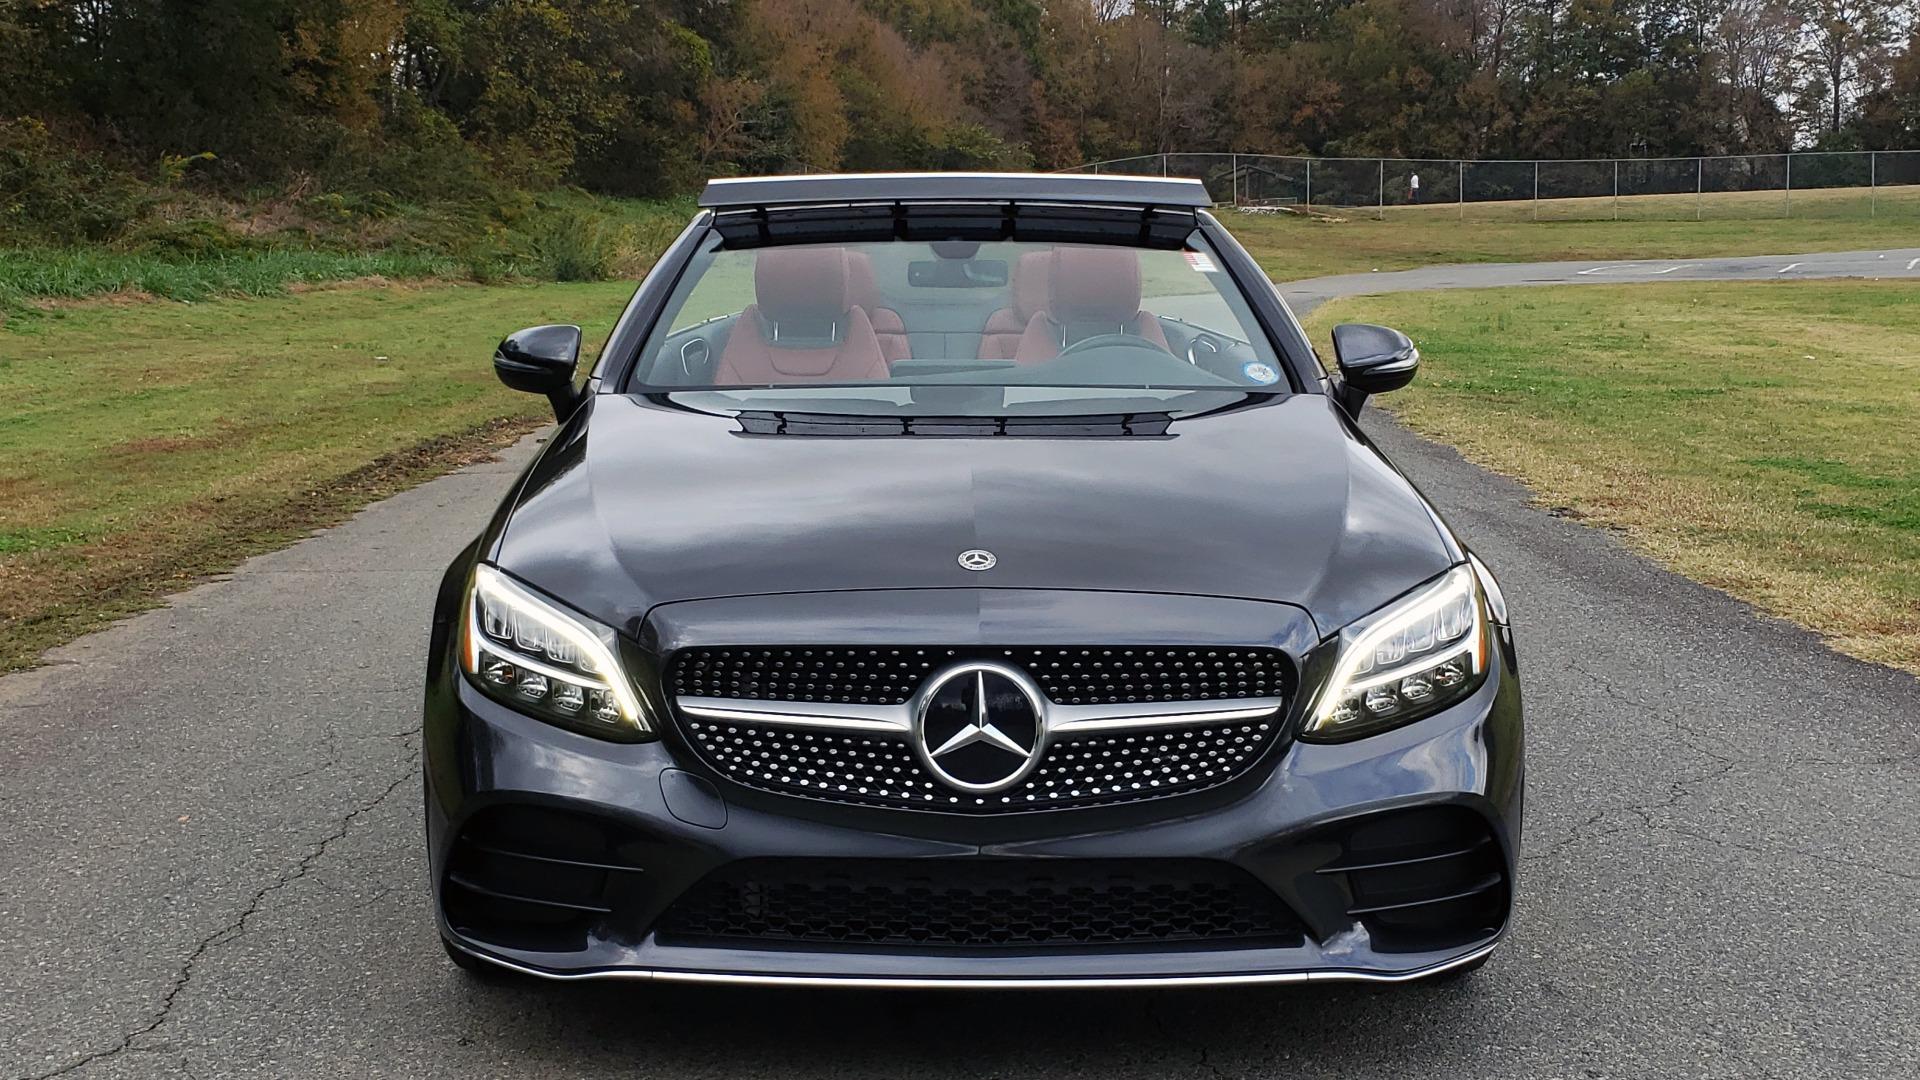 Used 2019 Mercedes-Benz C-CLASS C 300 CABRIOLET / PREM PKG / NAV / BURMESTER / MULTIMEDIA for sale Sold at Formula Imports in Charlotte NC 28227 15